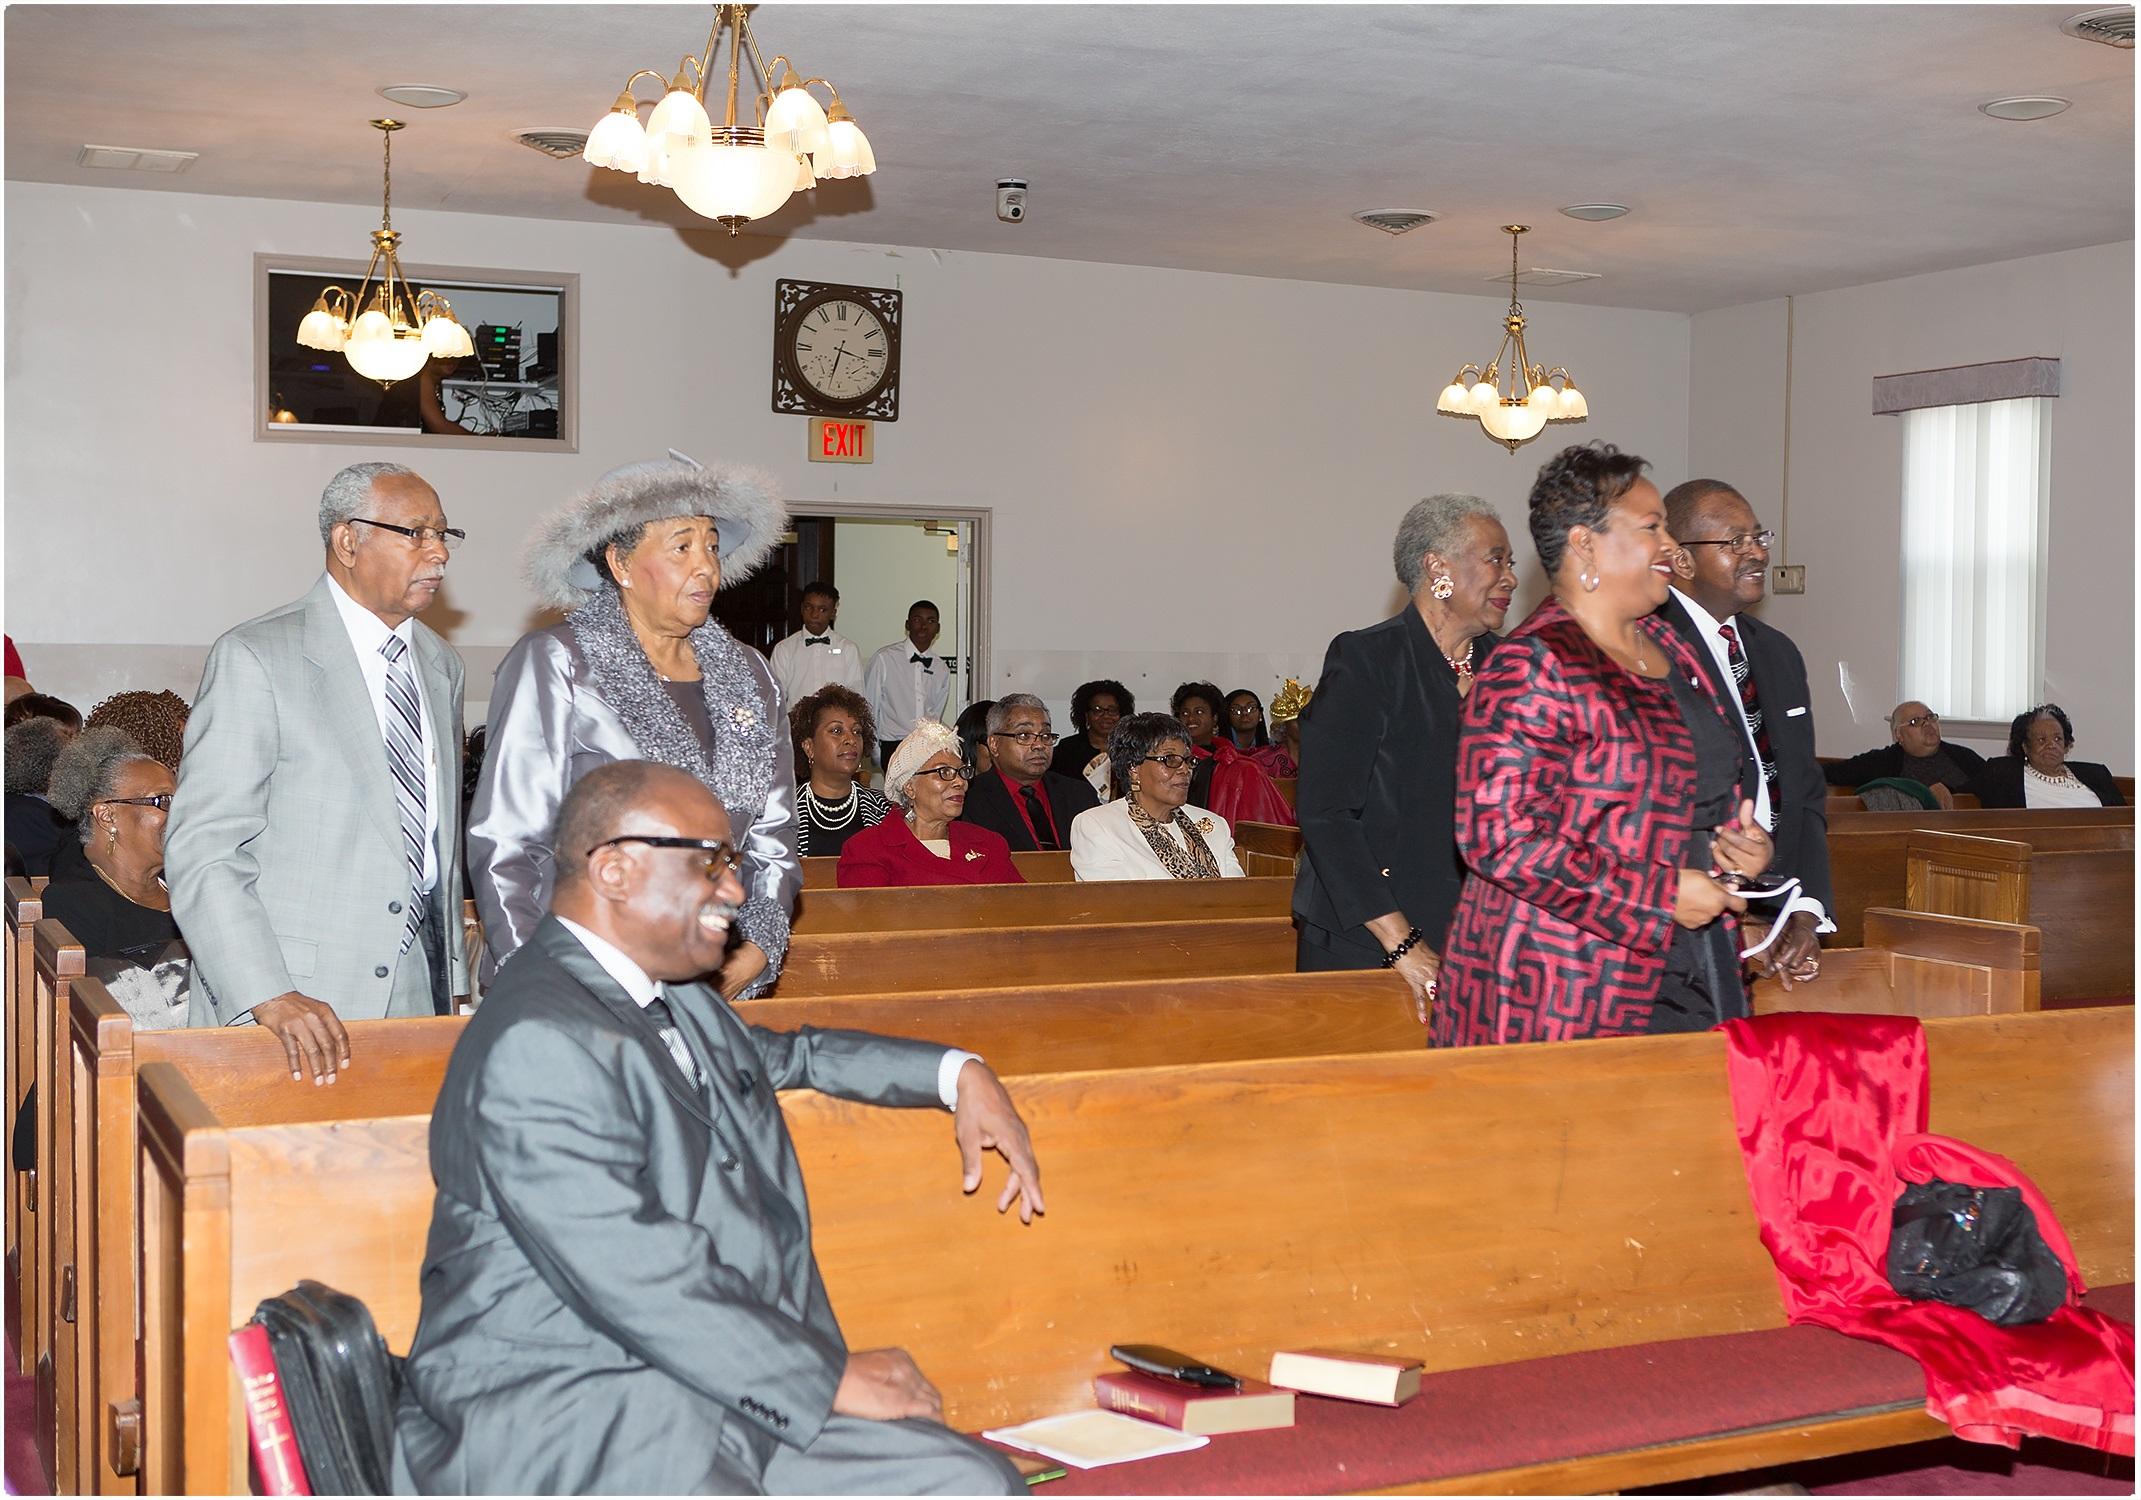 Pastor's 11th Anniversary